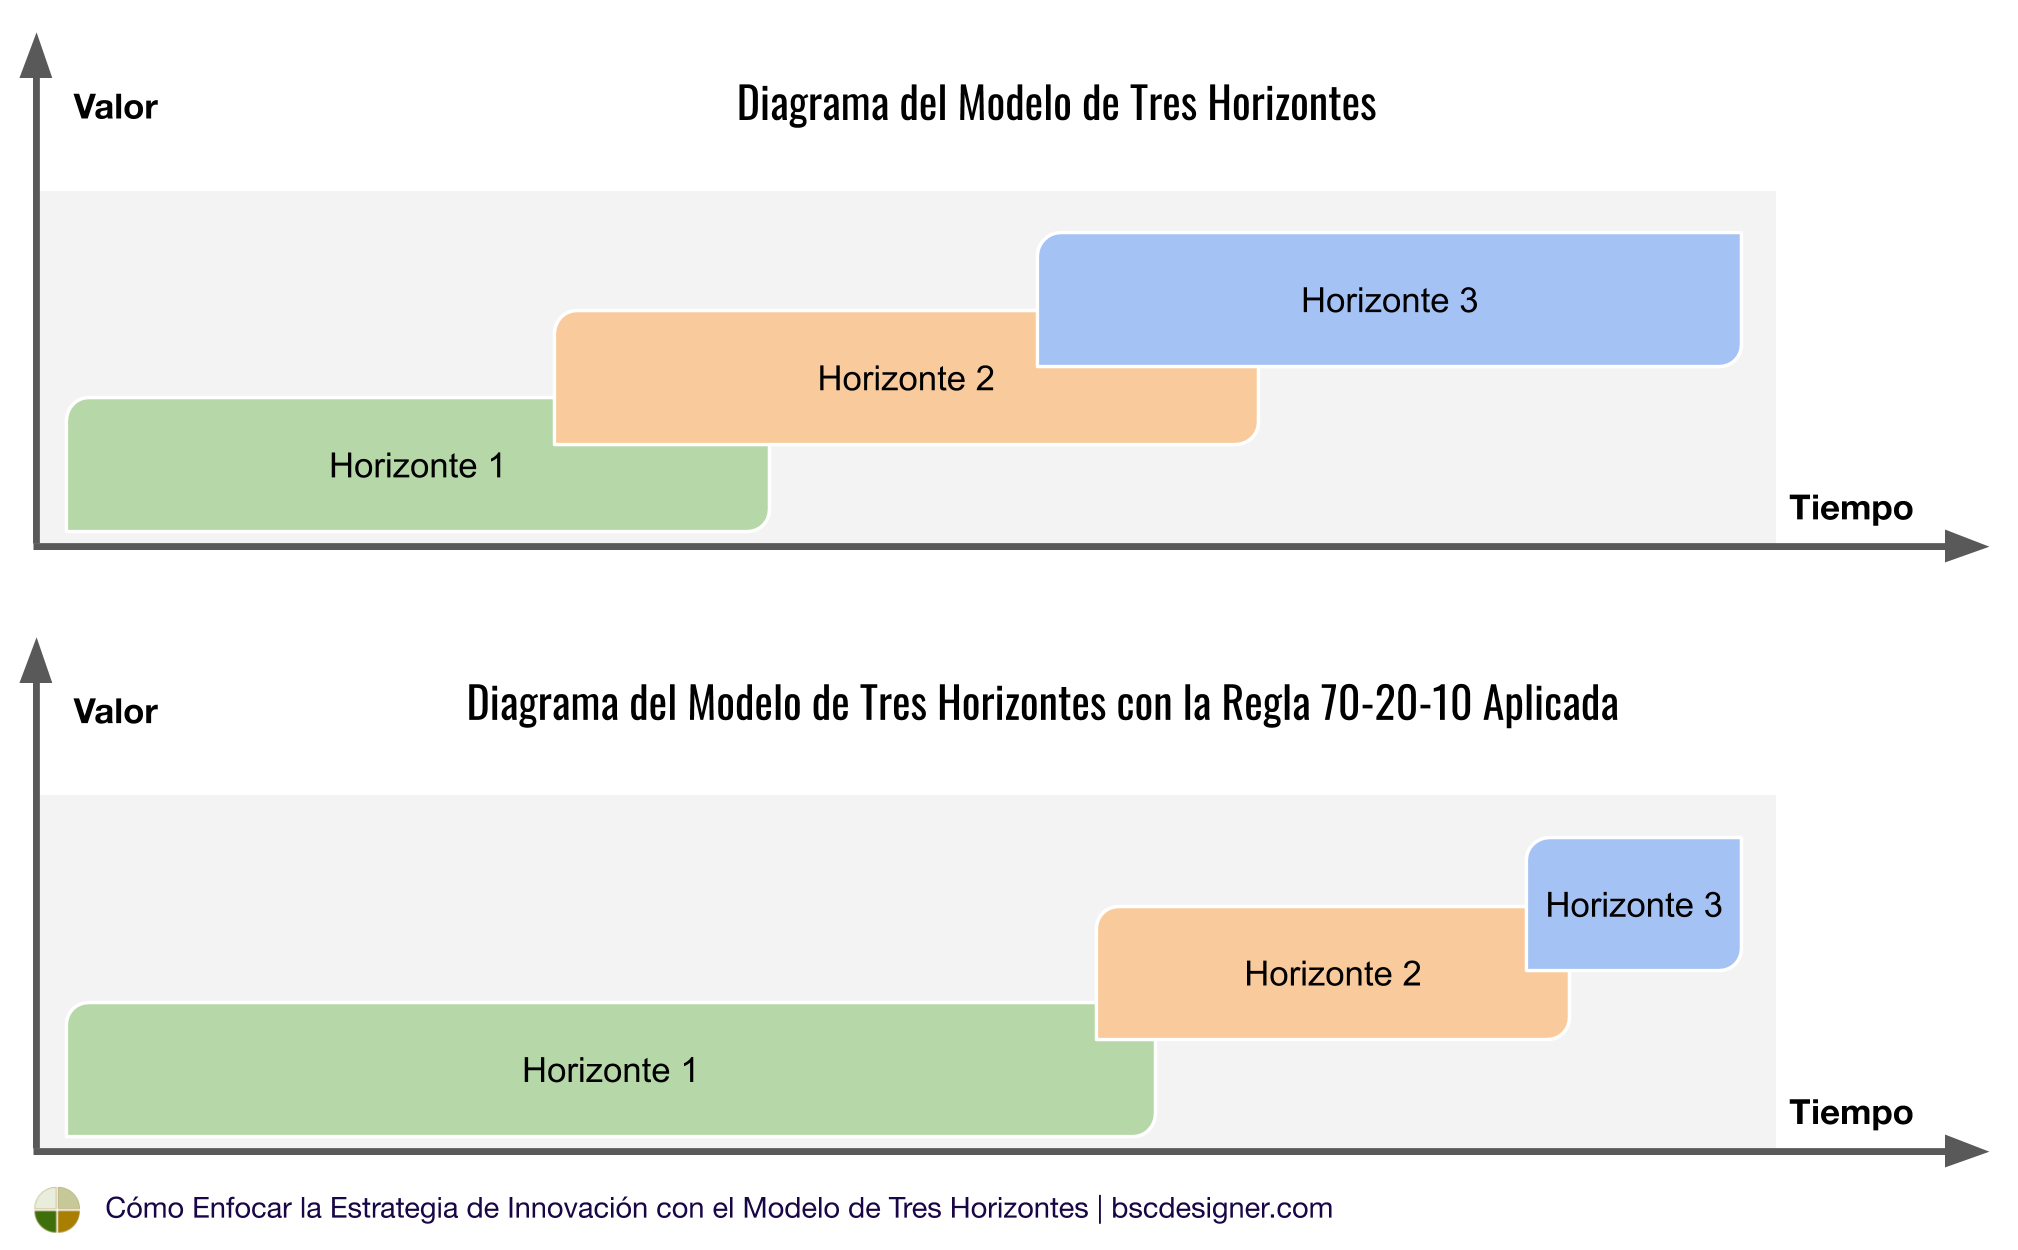 Diagrama del Modelo de Tres Horizontes con la Regla 70-20-10 Aplicada